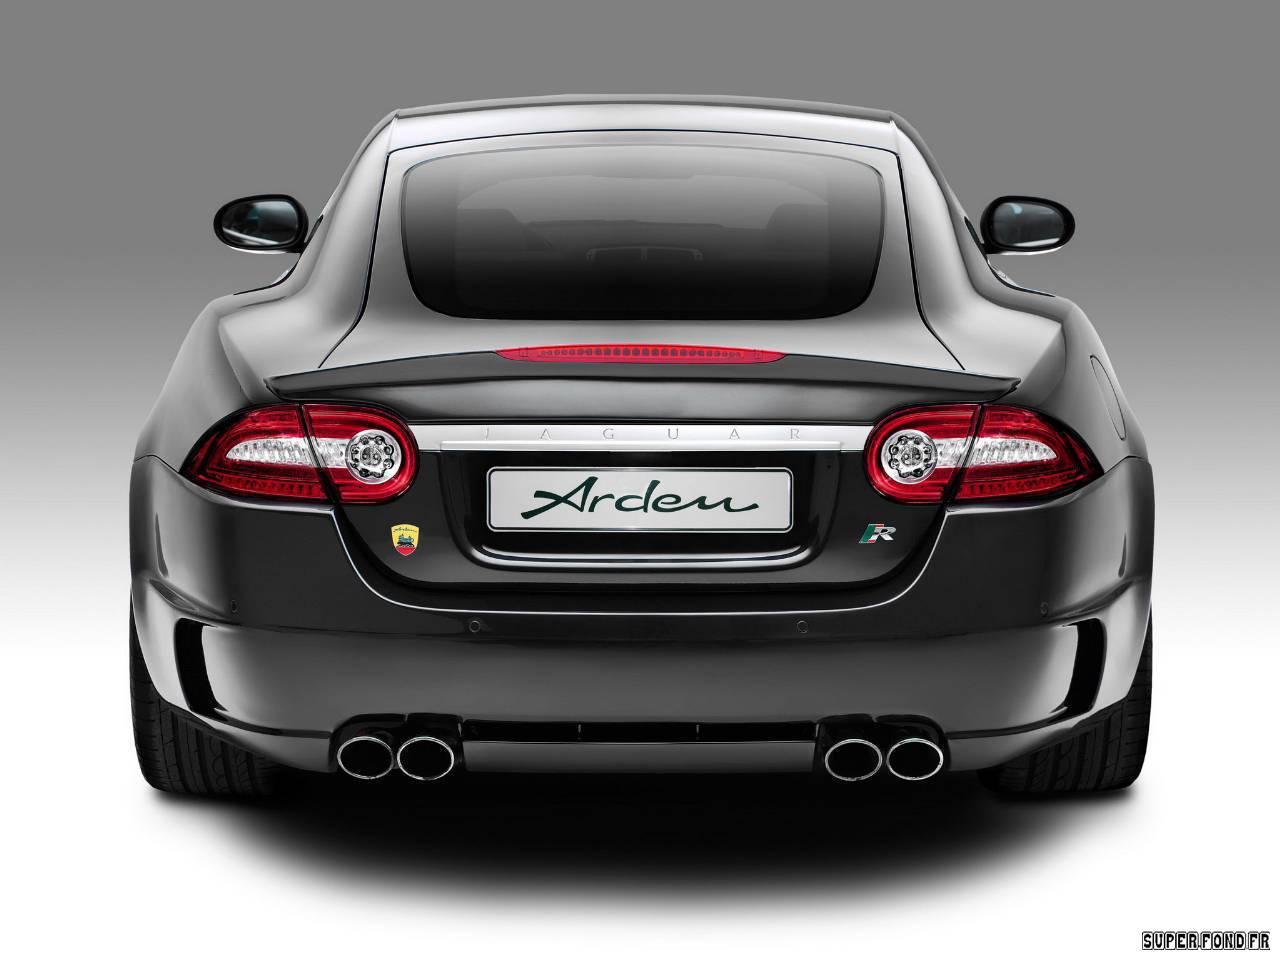 2010 Arden Jaguar XKR AJ20 Wild Cat